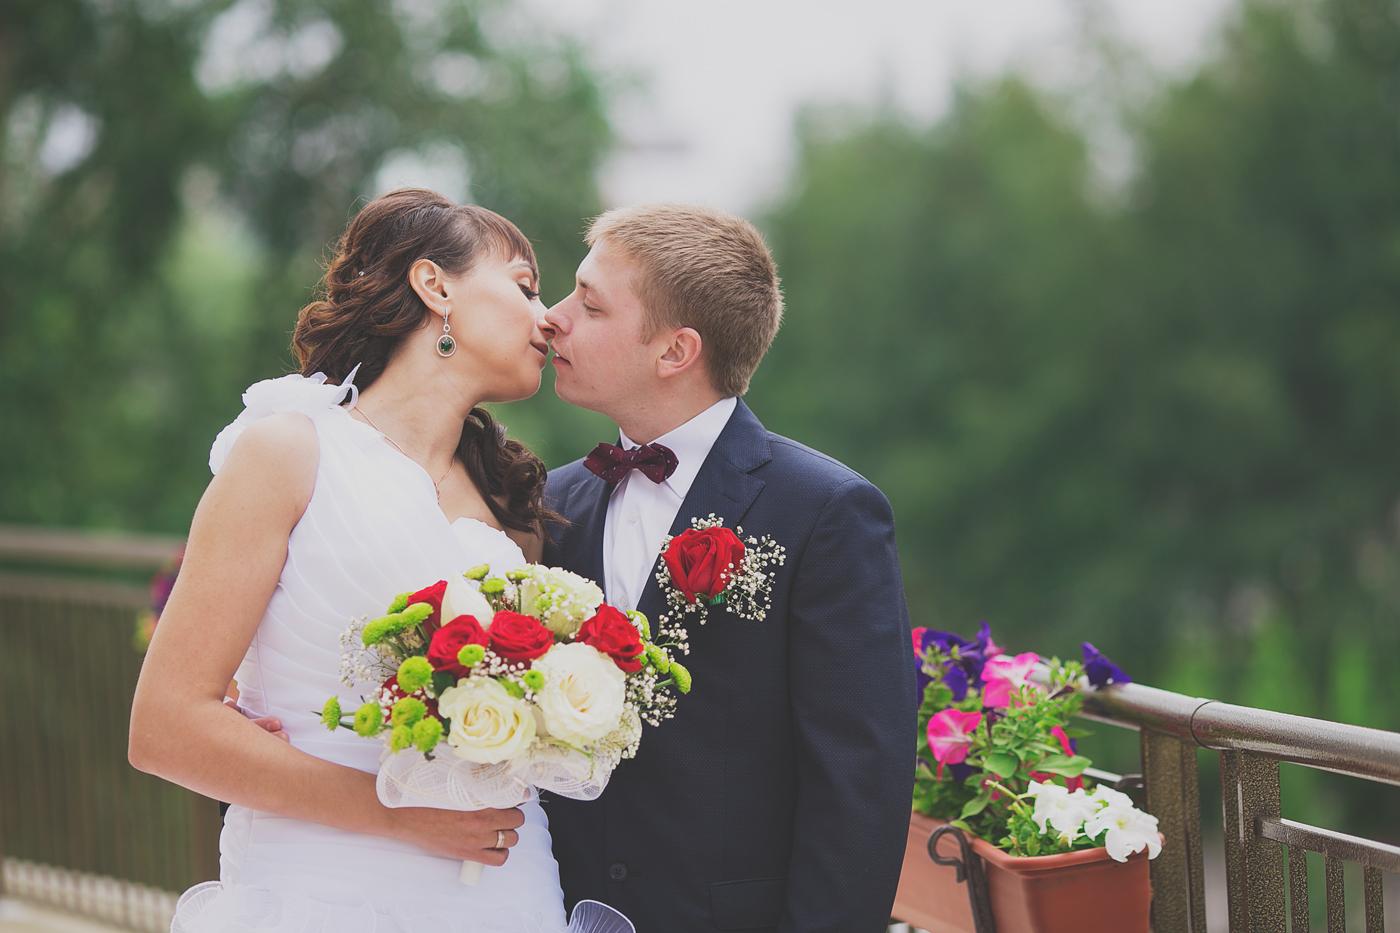 производители предлагают свадебная фотосъемка маршрут сургут первую часть волос